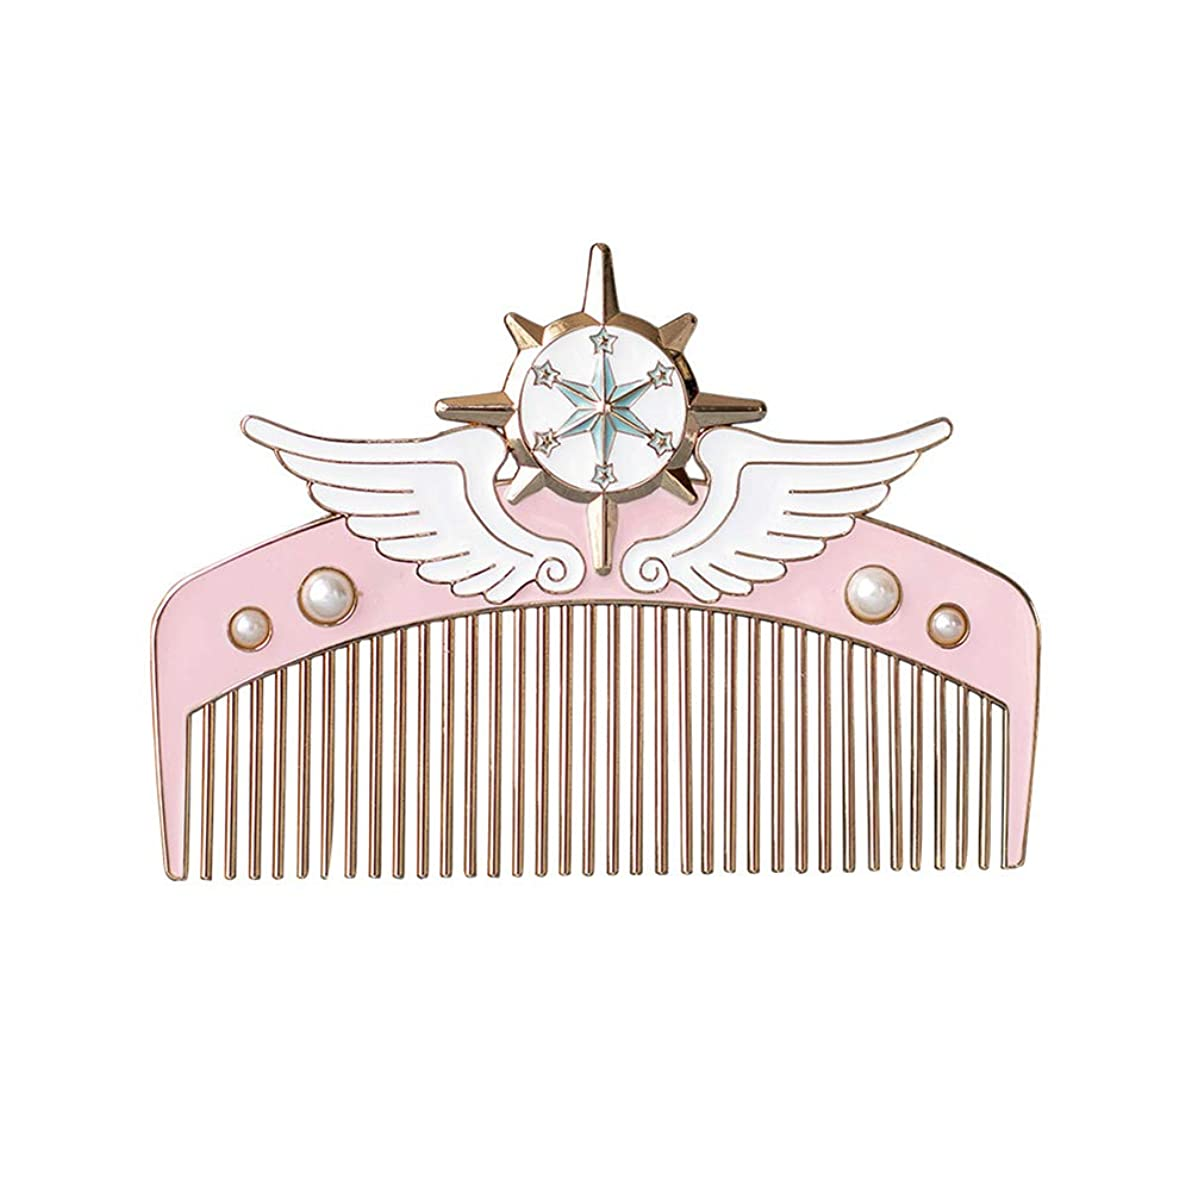 人事群衆アッティカスライフ小屋 櫛 ヘアブラシ カードキャプターさくら セーラームーン 可愛い ピンク 細歯 夢の杖櫛 半月形 ヘアブラシ 子供の髪 贈り物 プレゼント